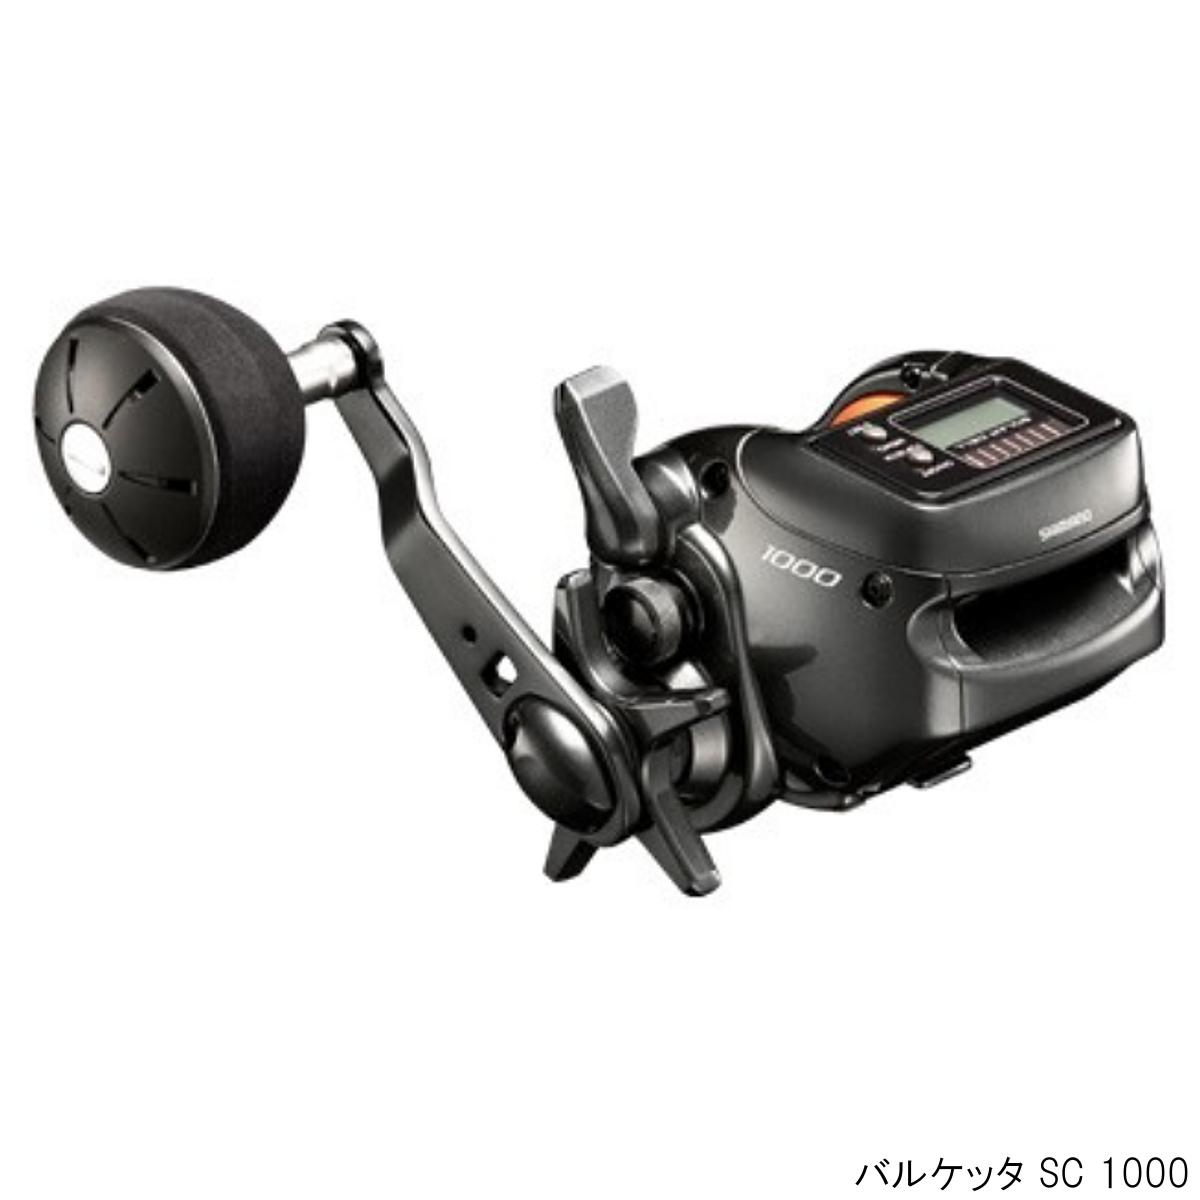 【5/10最大P45倍!】シマノ バルケッタ SC 1000(東日本店)